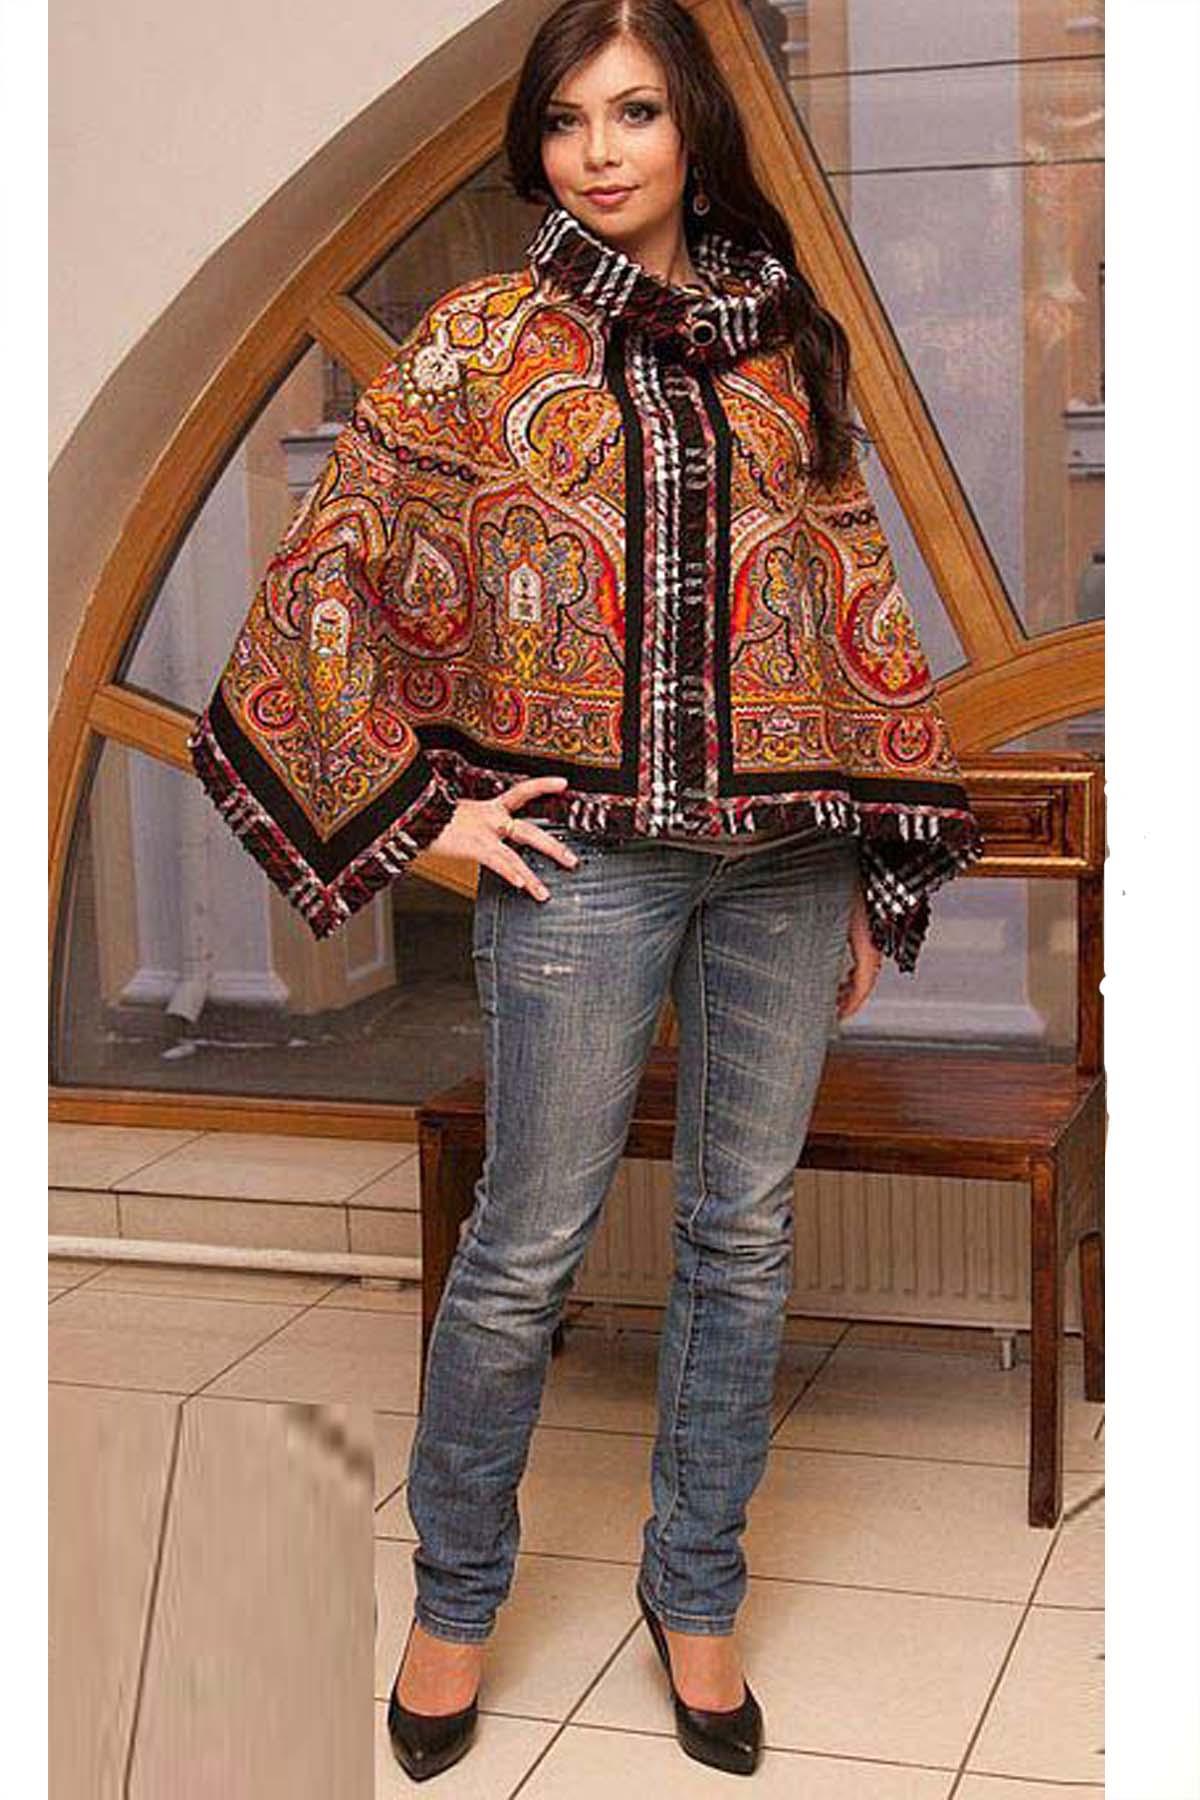 Блузка Из Платков Своими Руками В Санкт Петербурге